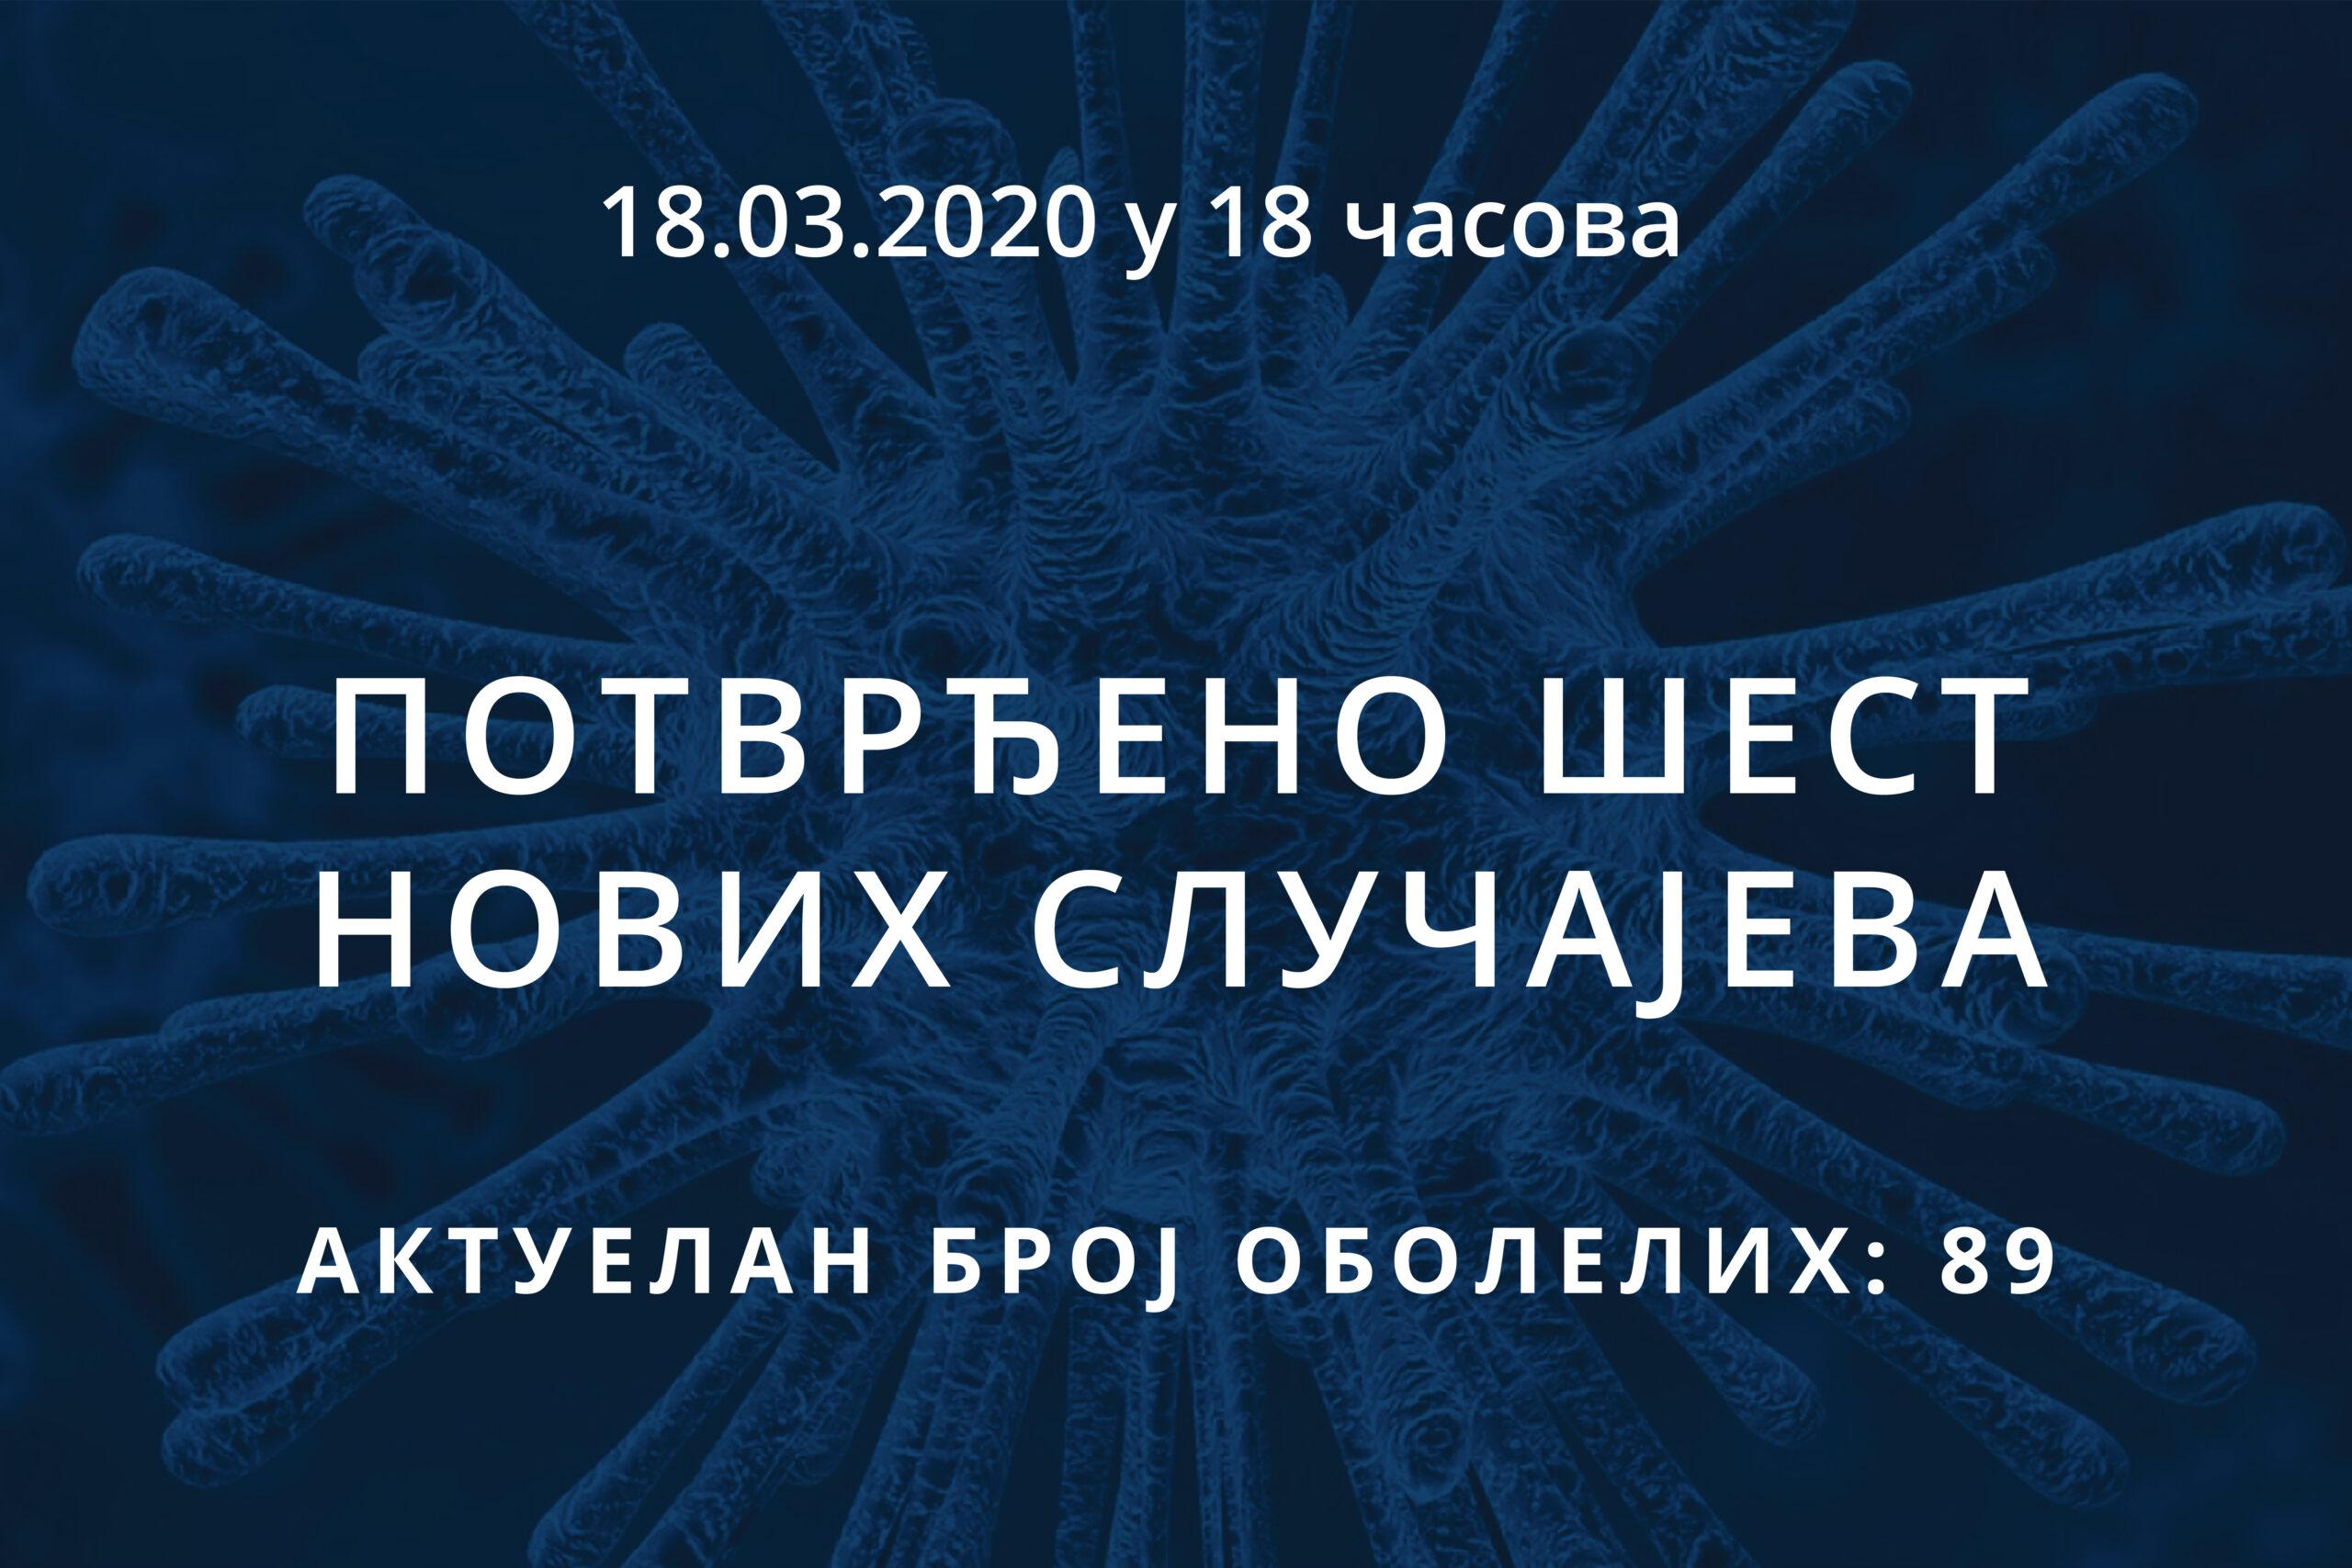 Информације о корона вирусу COVID-19, 18.03.2020 у 18 часова